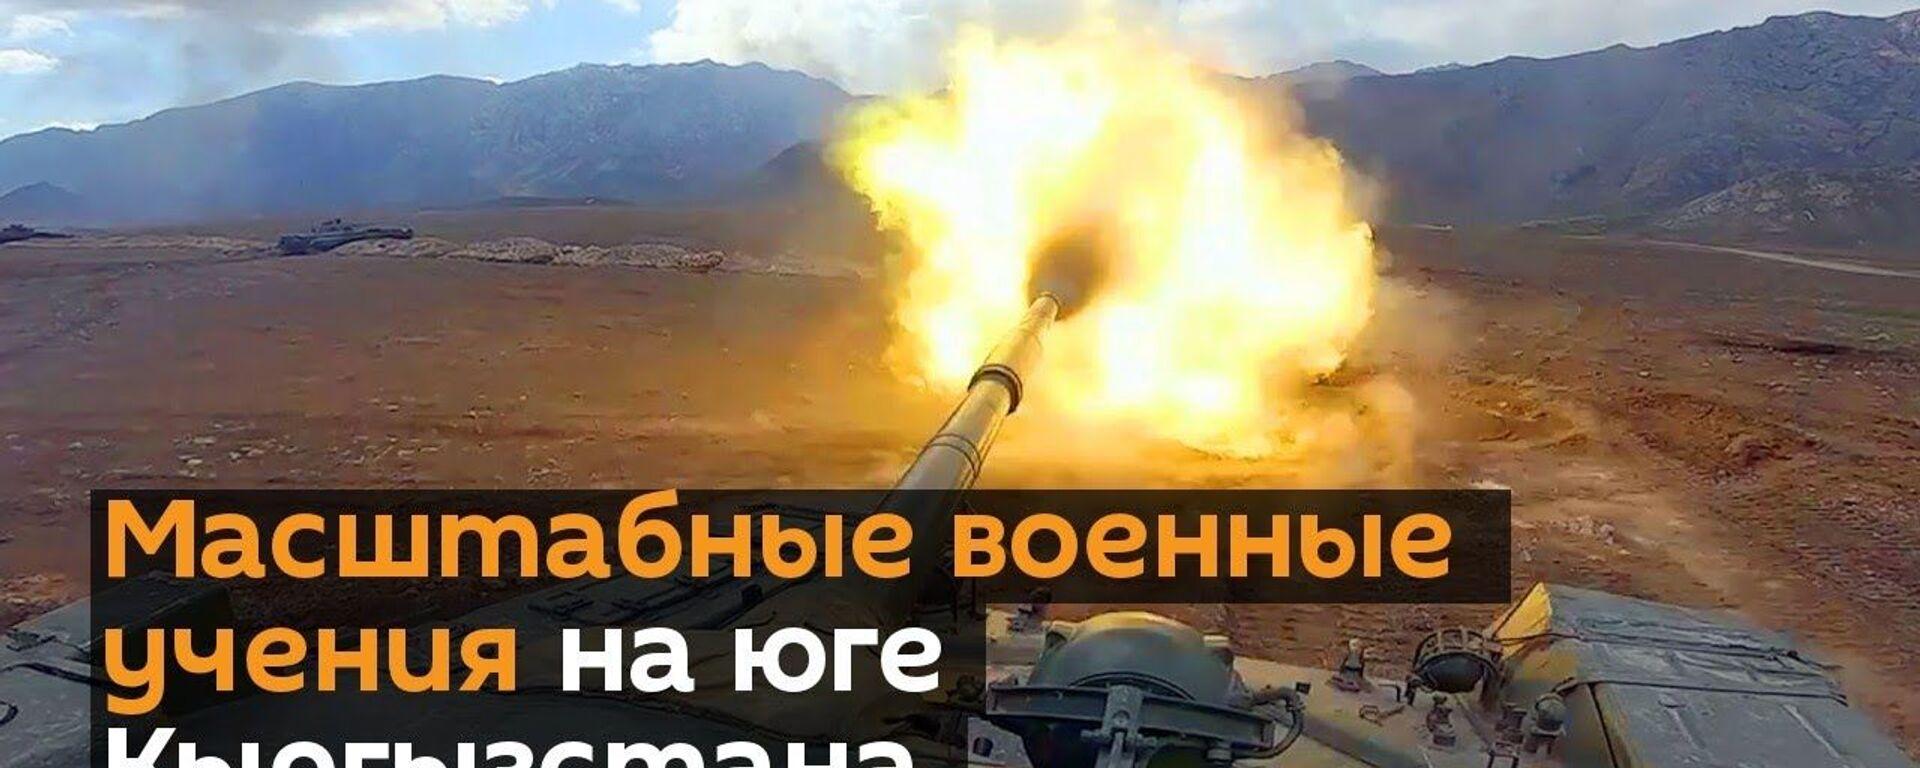 На юге Кыргызстана начались масштабные военные учения — видео - YouTube - Sputnik Тоҷикистон, 1920, 02.04.2021